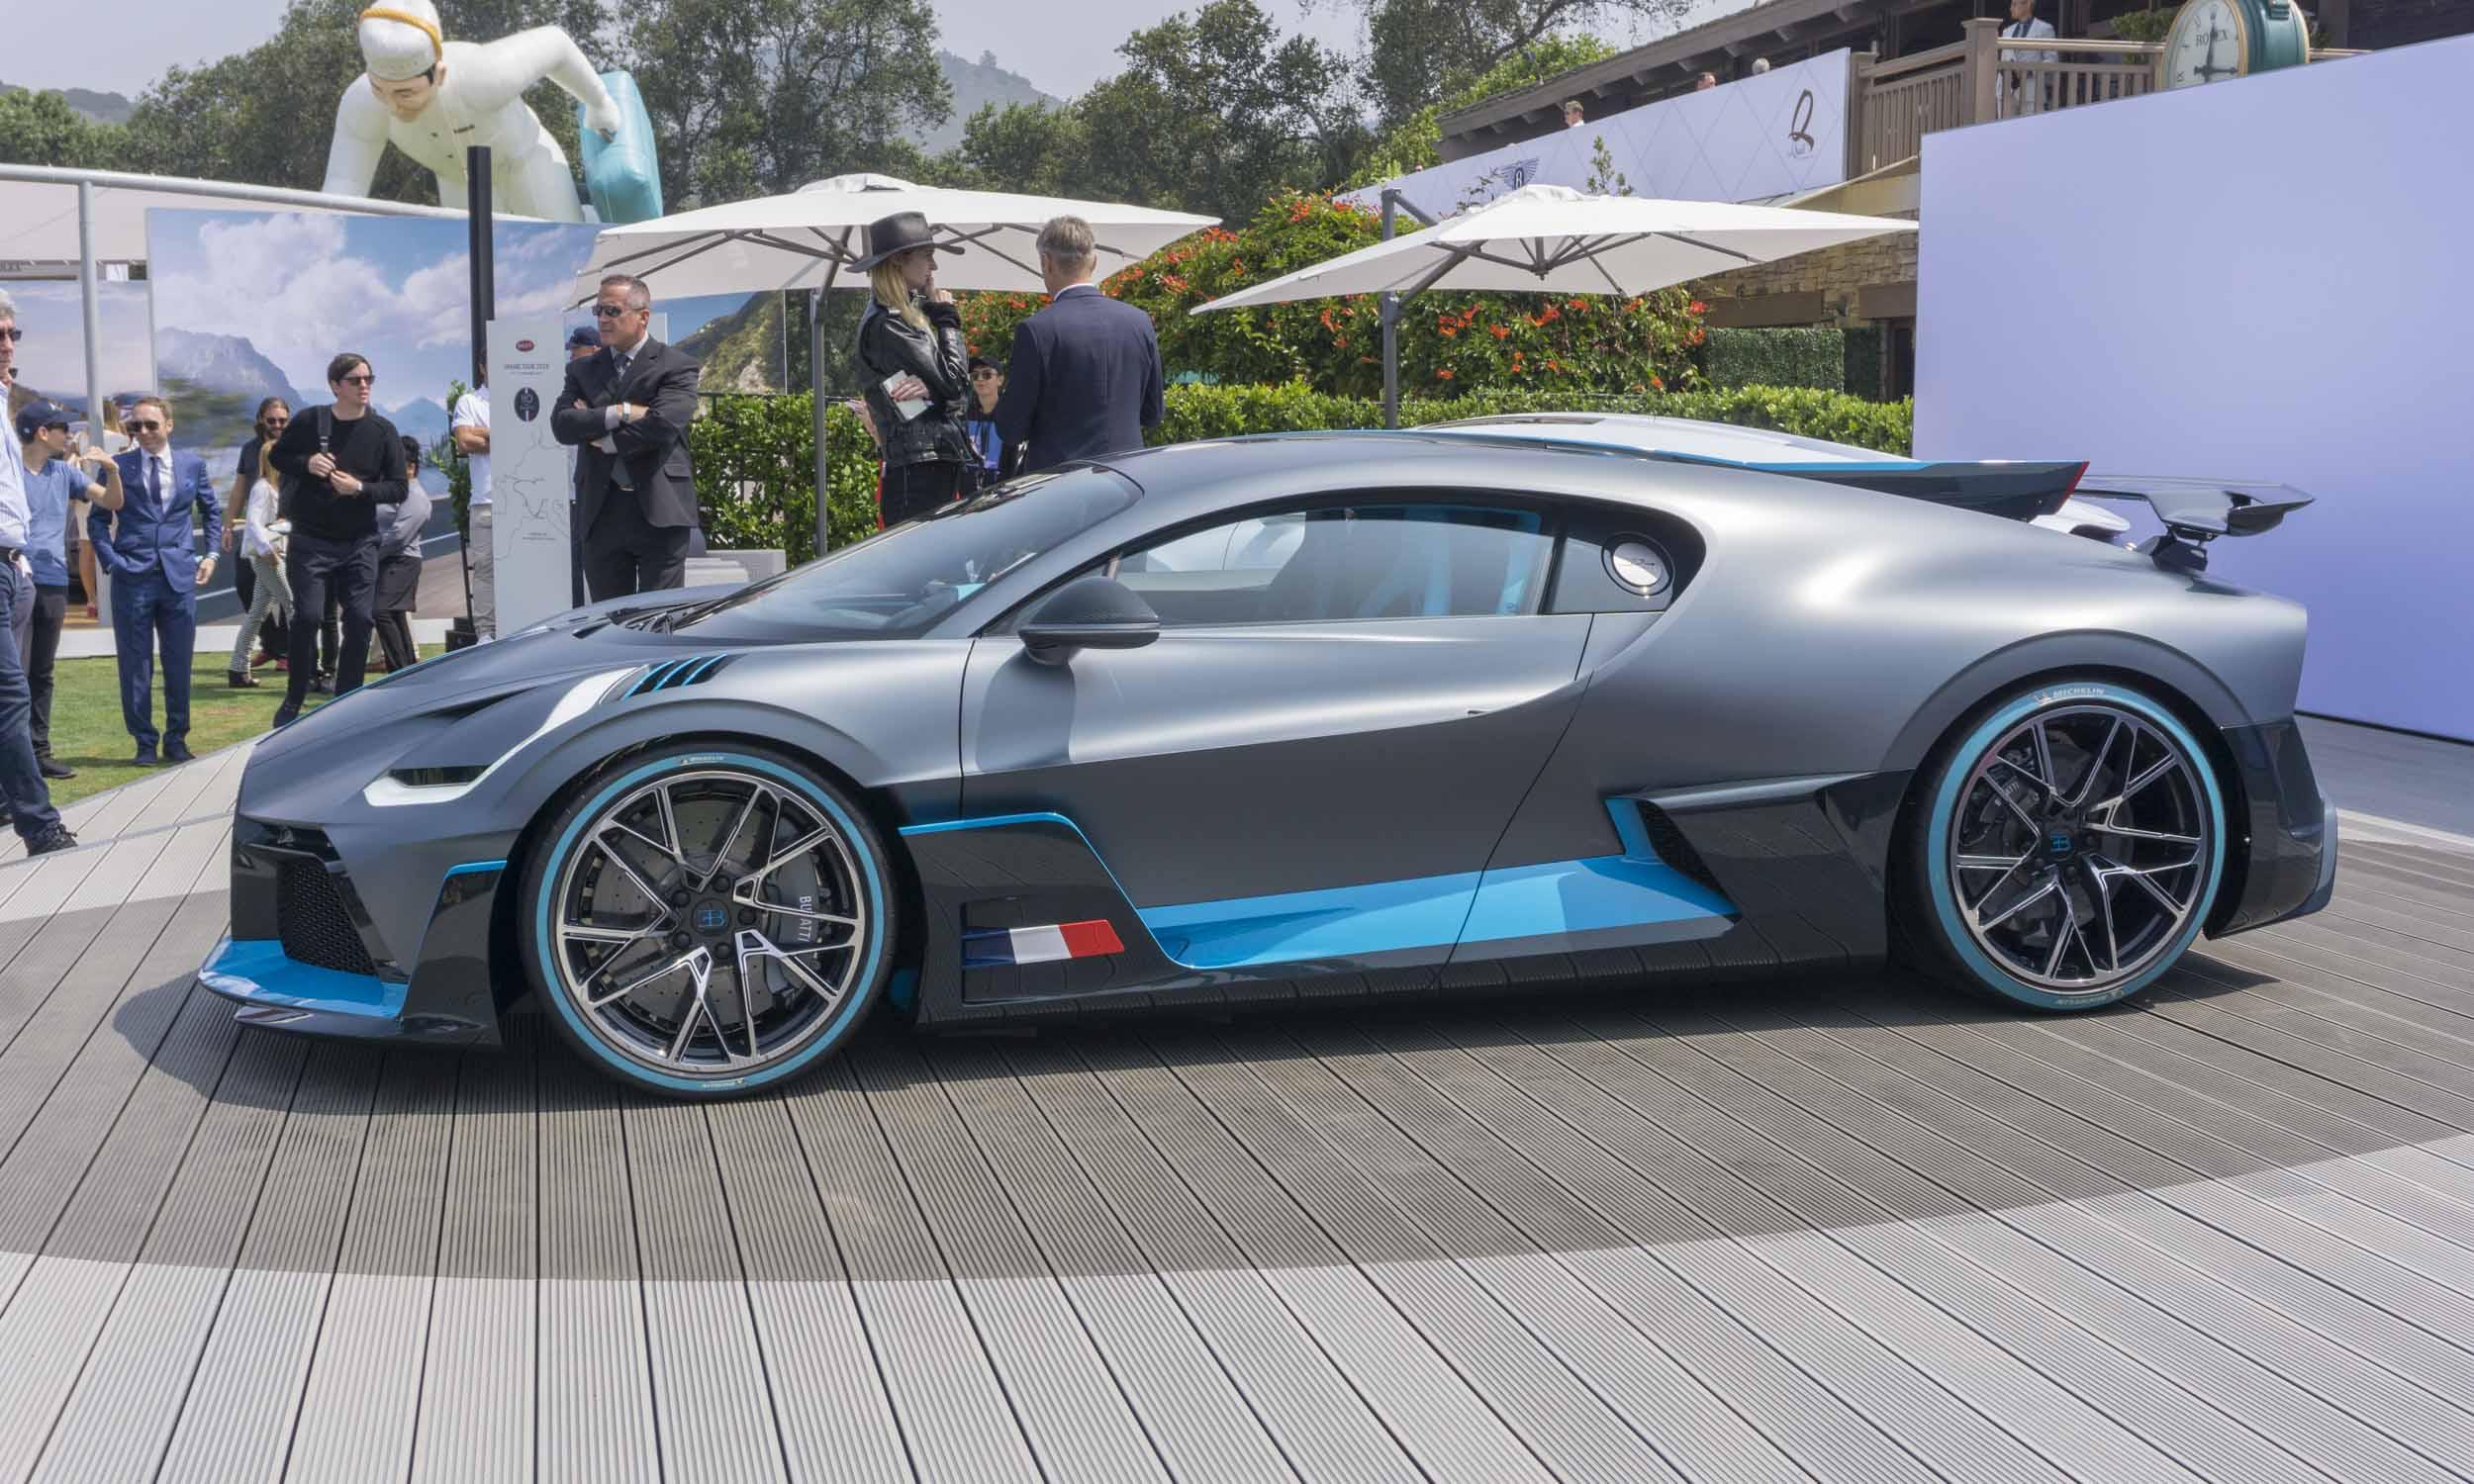 2018 Pebble Beach Concours: Bugatti Divo - » AutoNXT Bugatti Divo